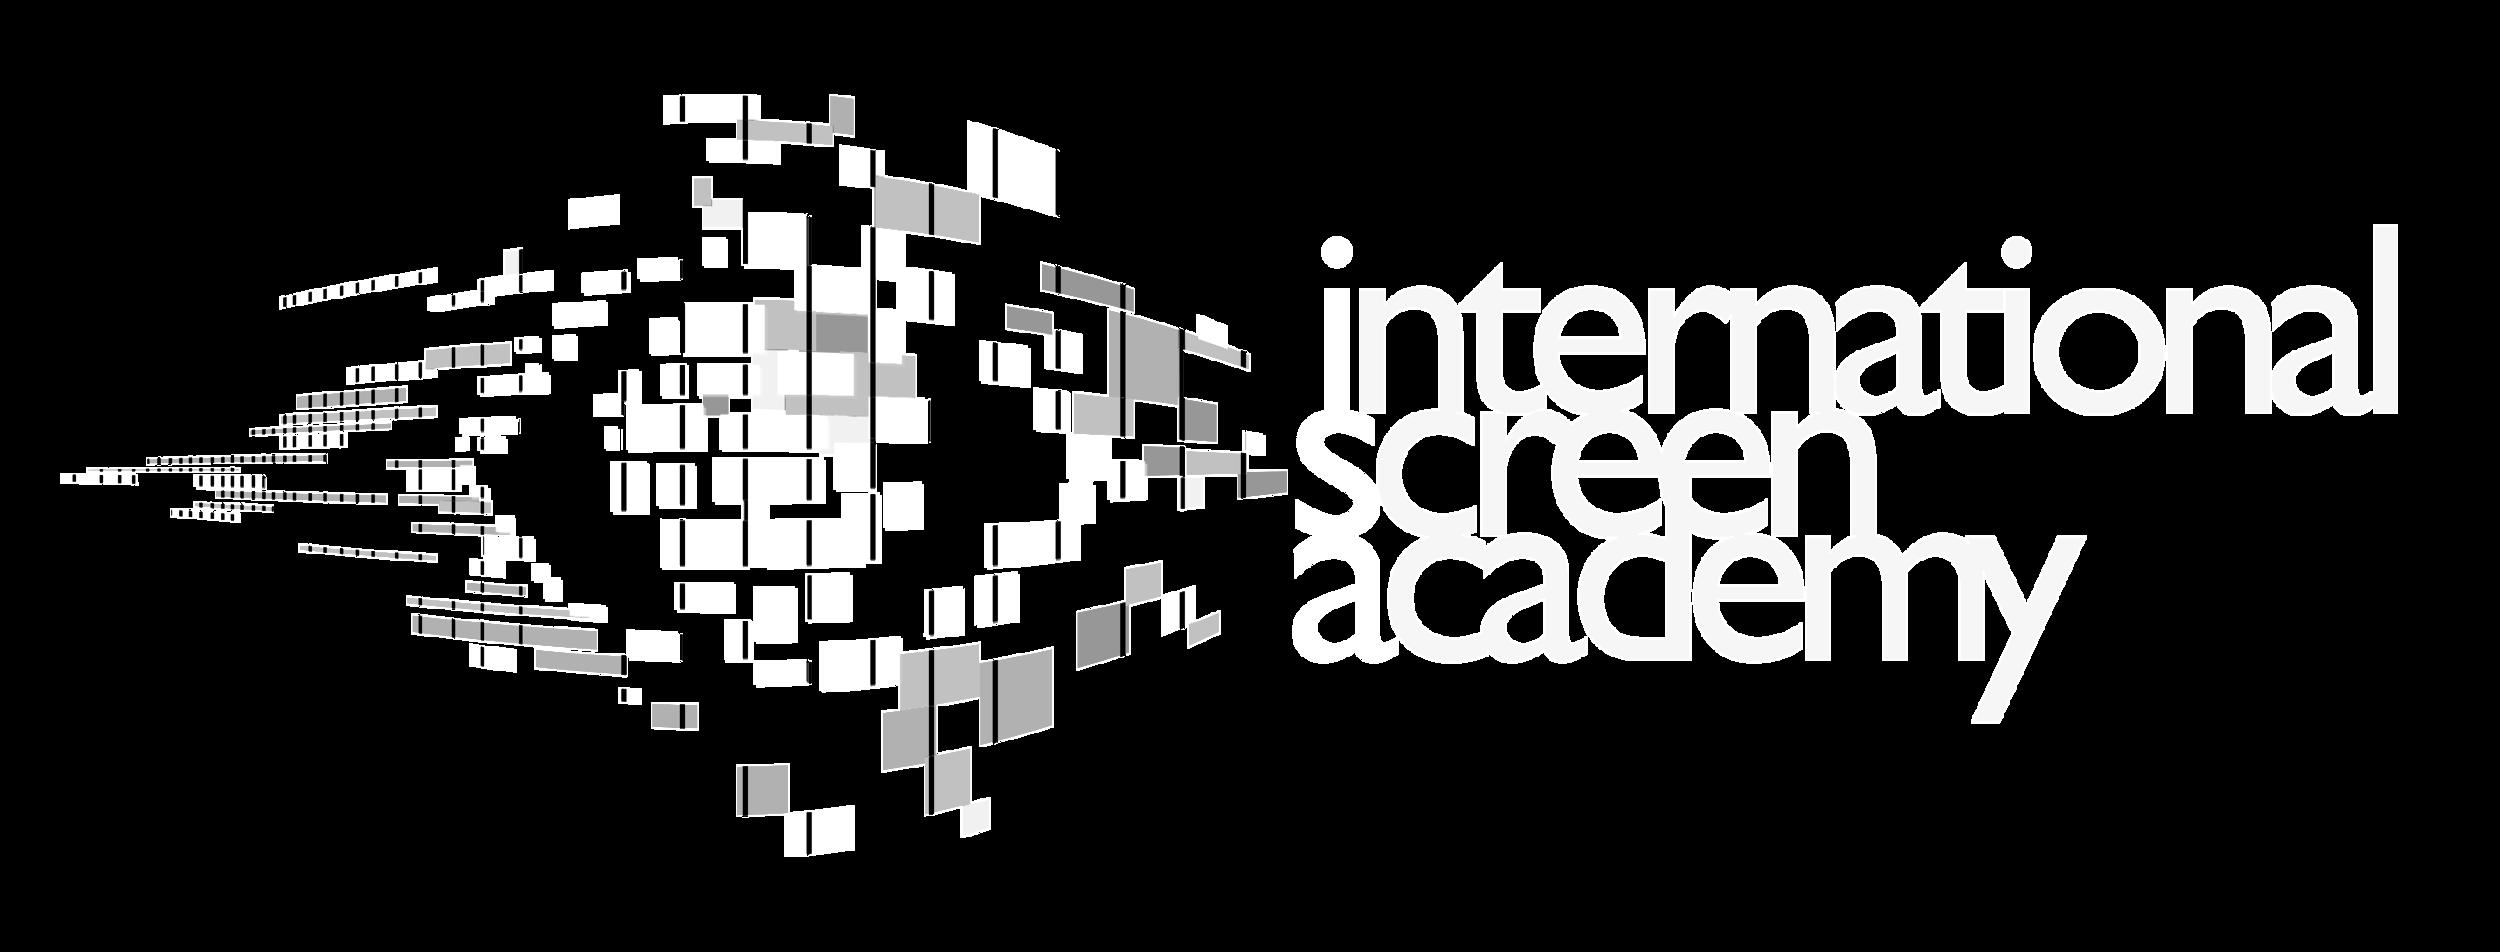 ISA_full_logo-reversed-bw.png